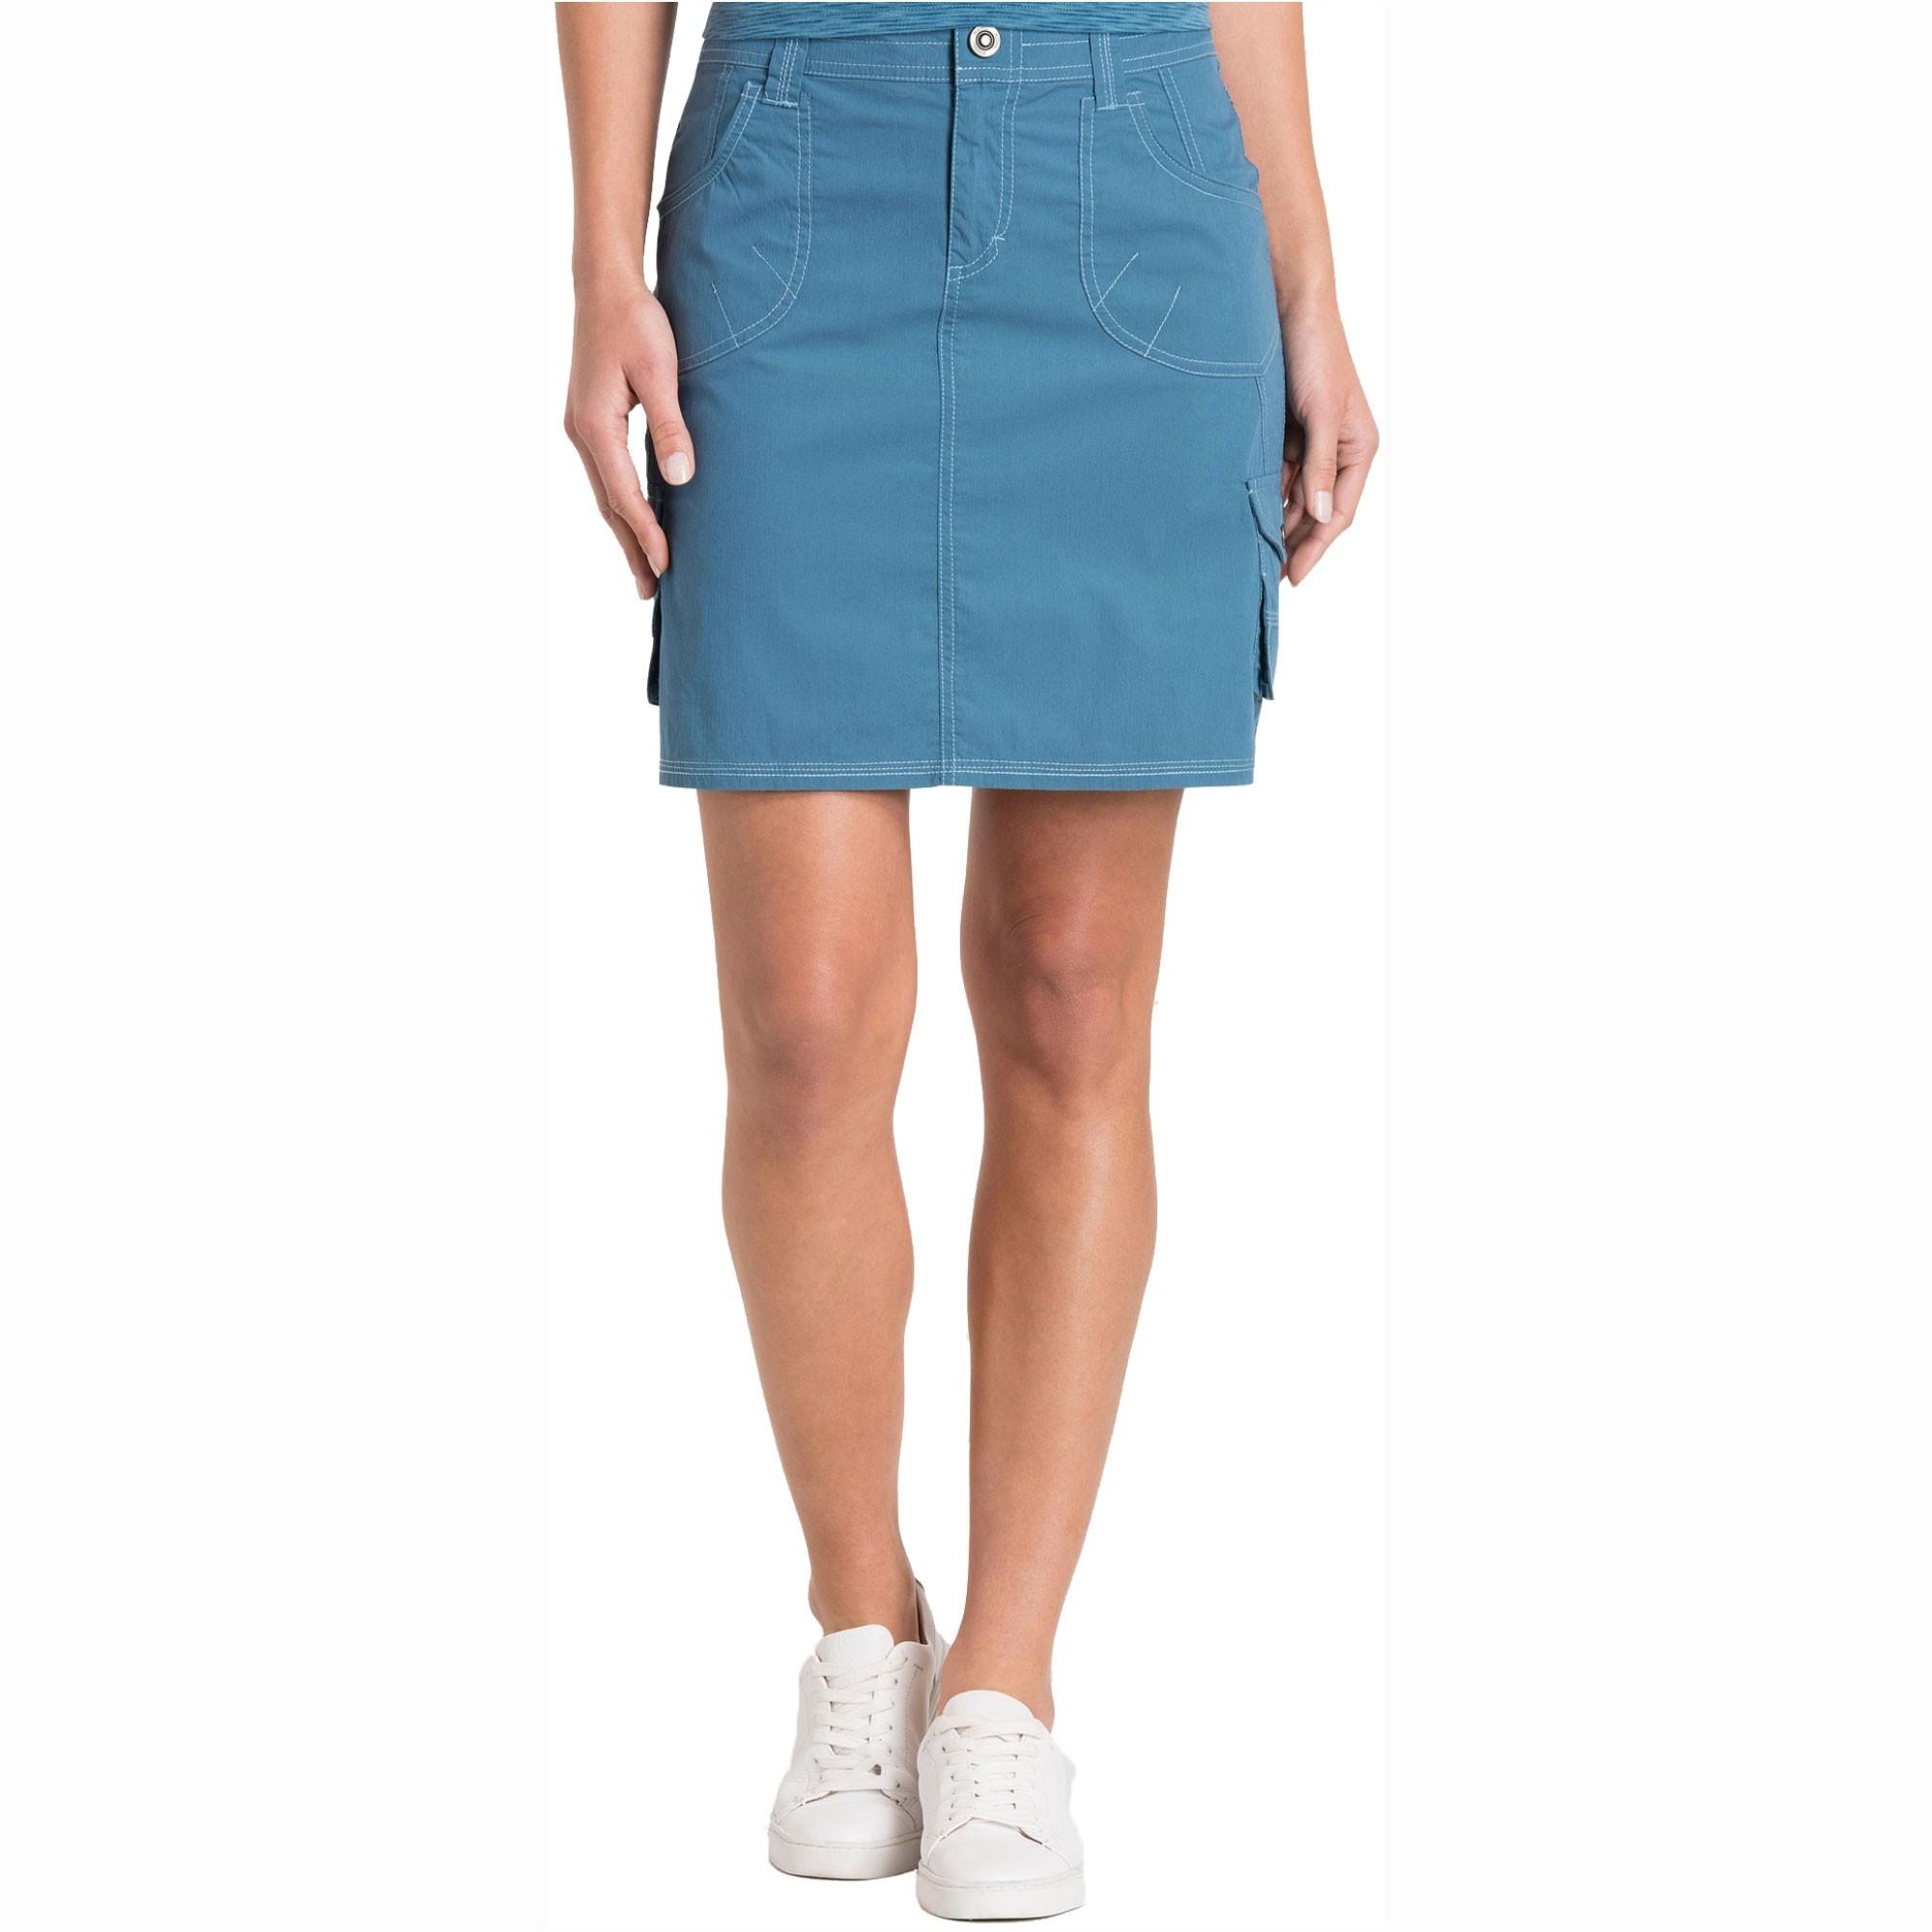 Kuhl 6269 Kontra Women's Skirt - Tidal Wave